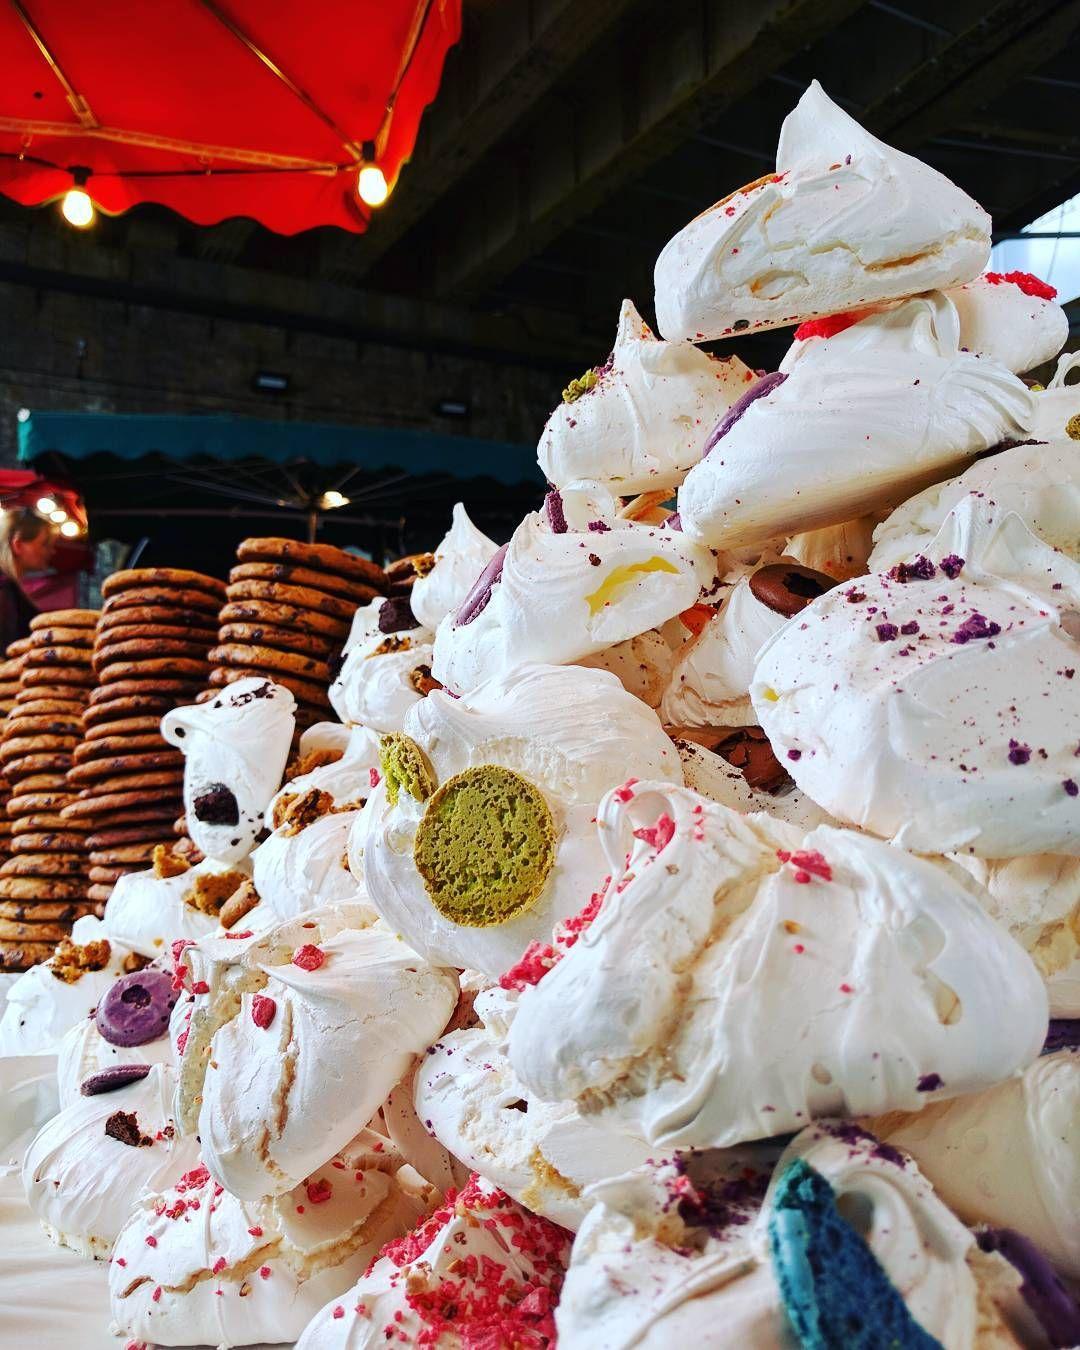 Huge meringues and soft baked cookies (photo credit: @sheilasuppiah) #meringue #cookies #food #boroughmarket #london #LHRBRU #LHR2016